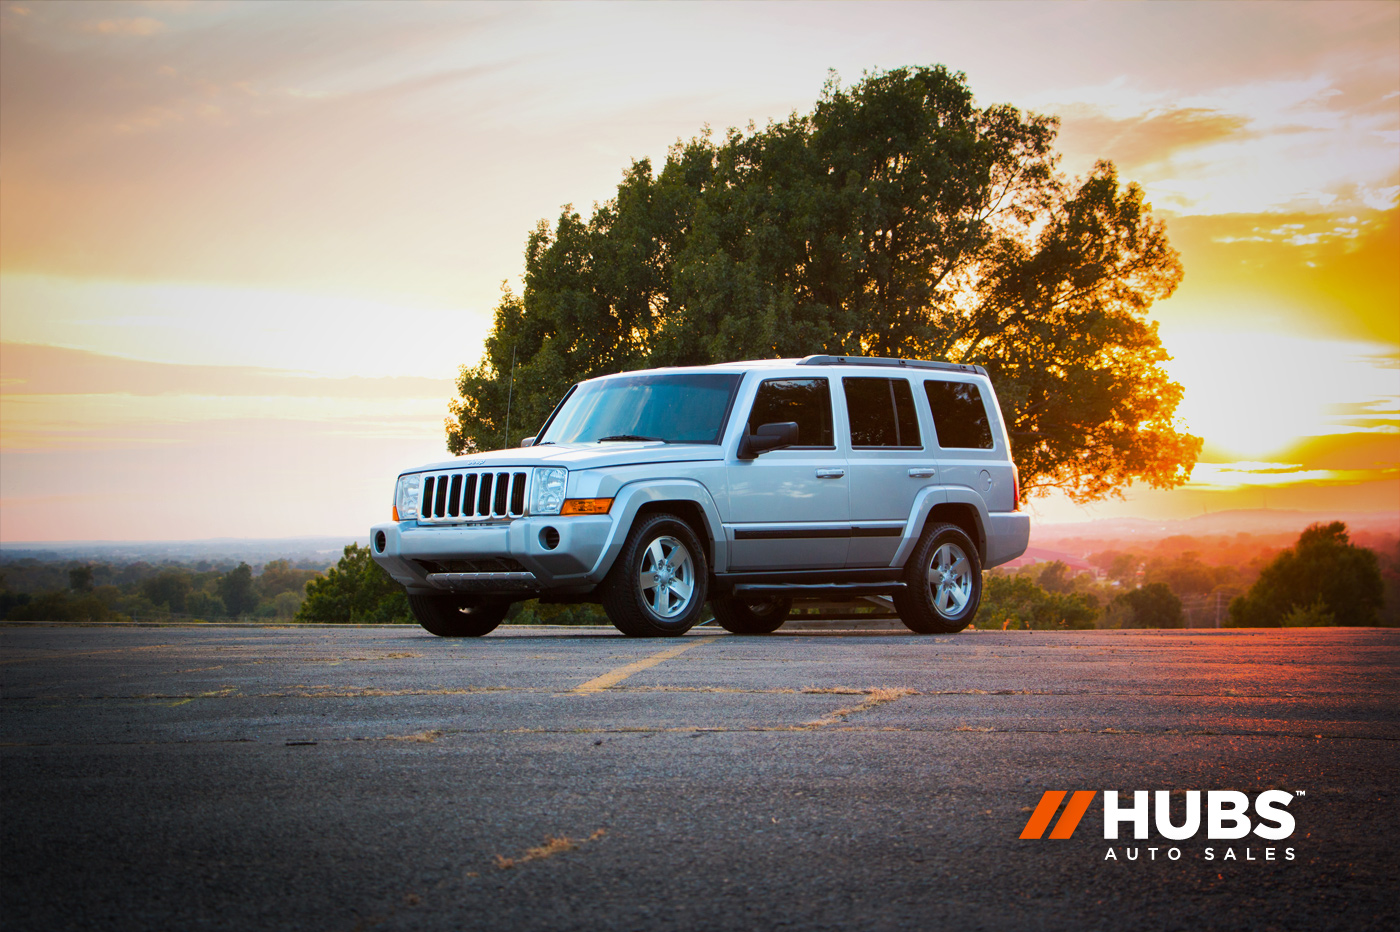 Tulsa Wholesale Cars >> Hubs Auto Sales | Vertical Aitch